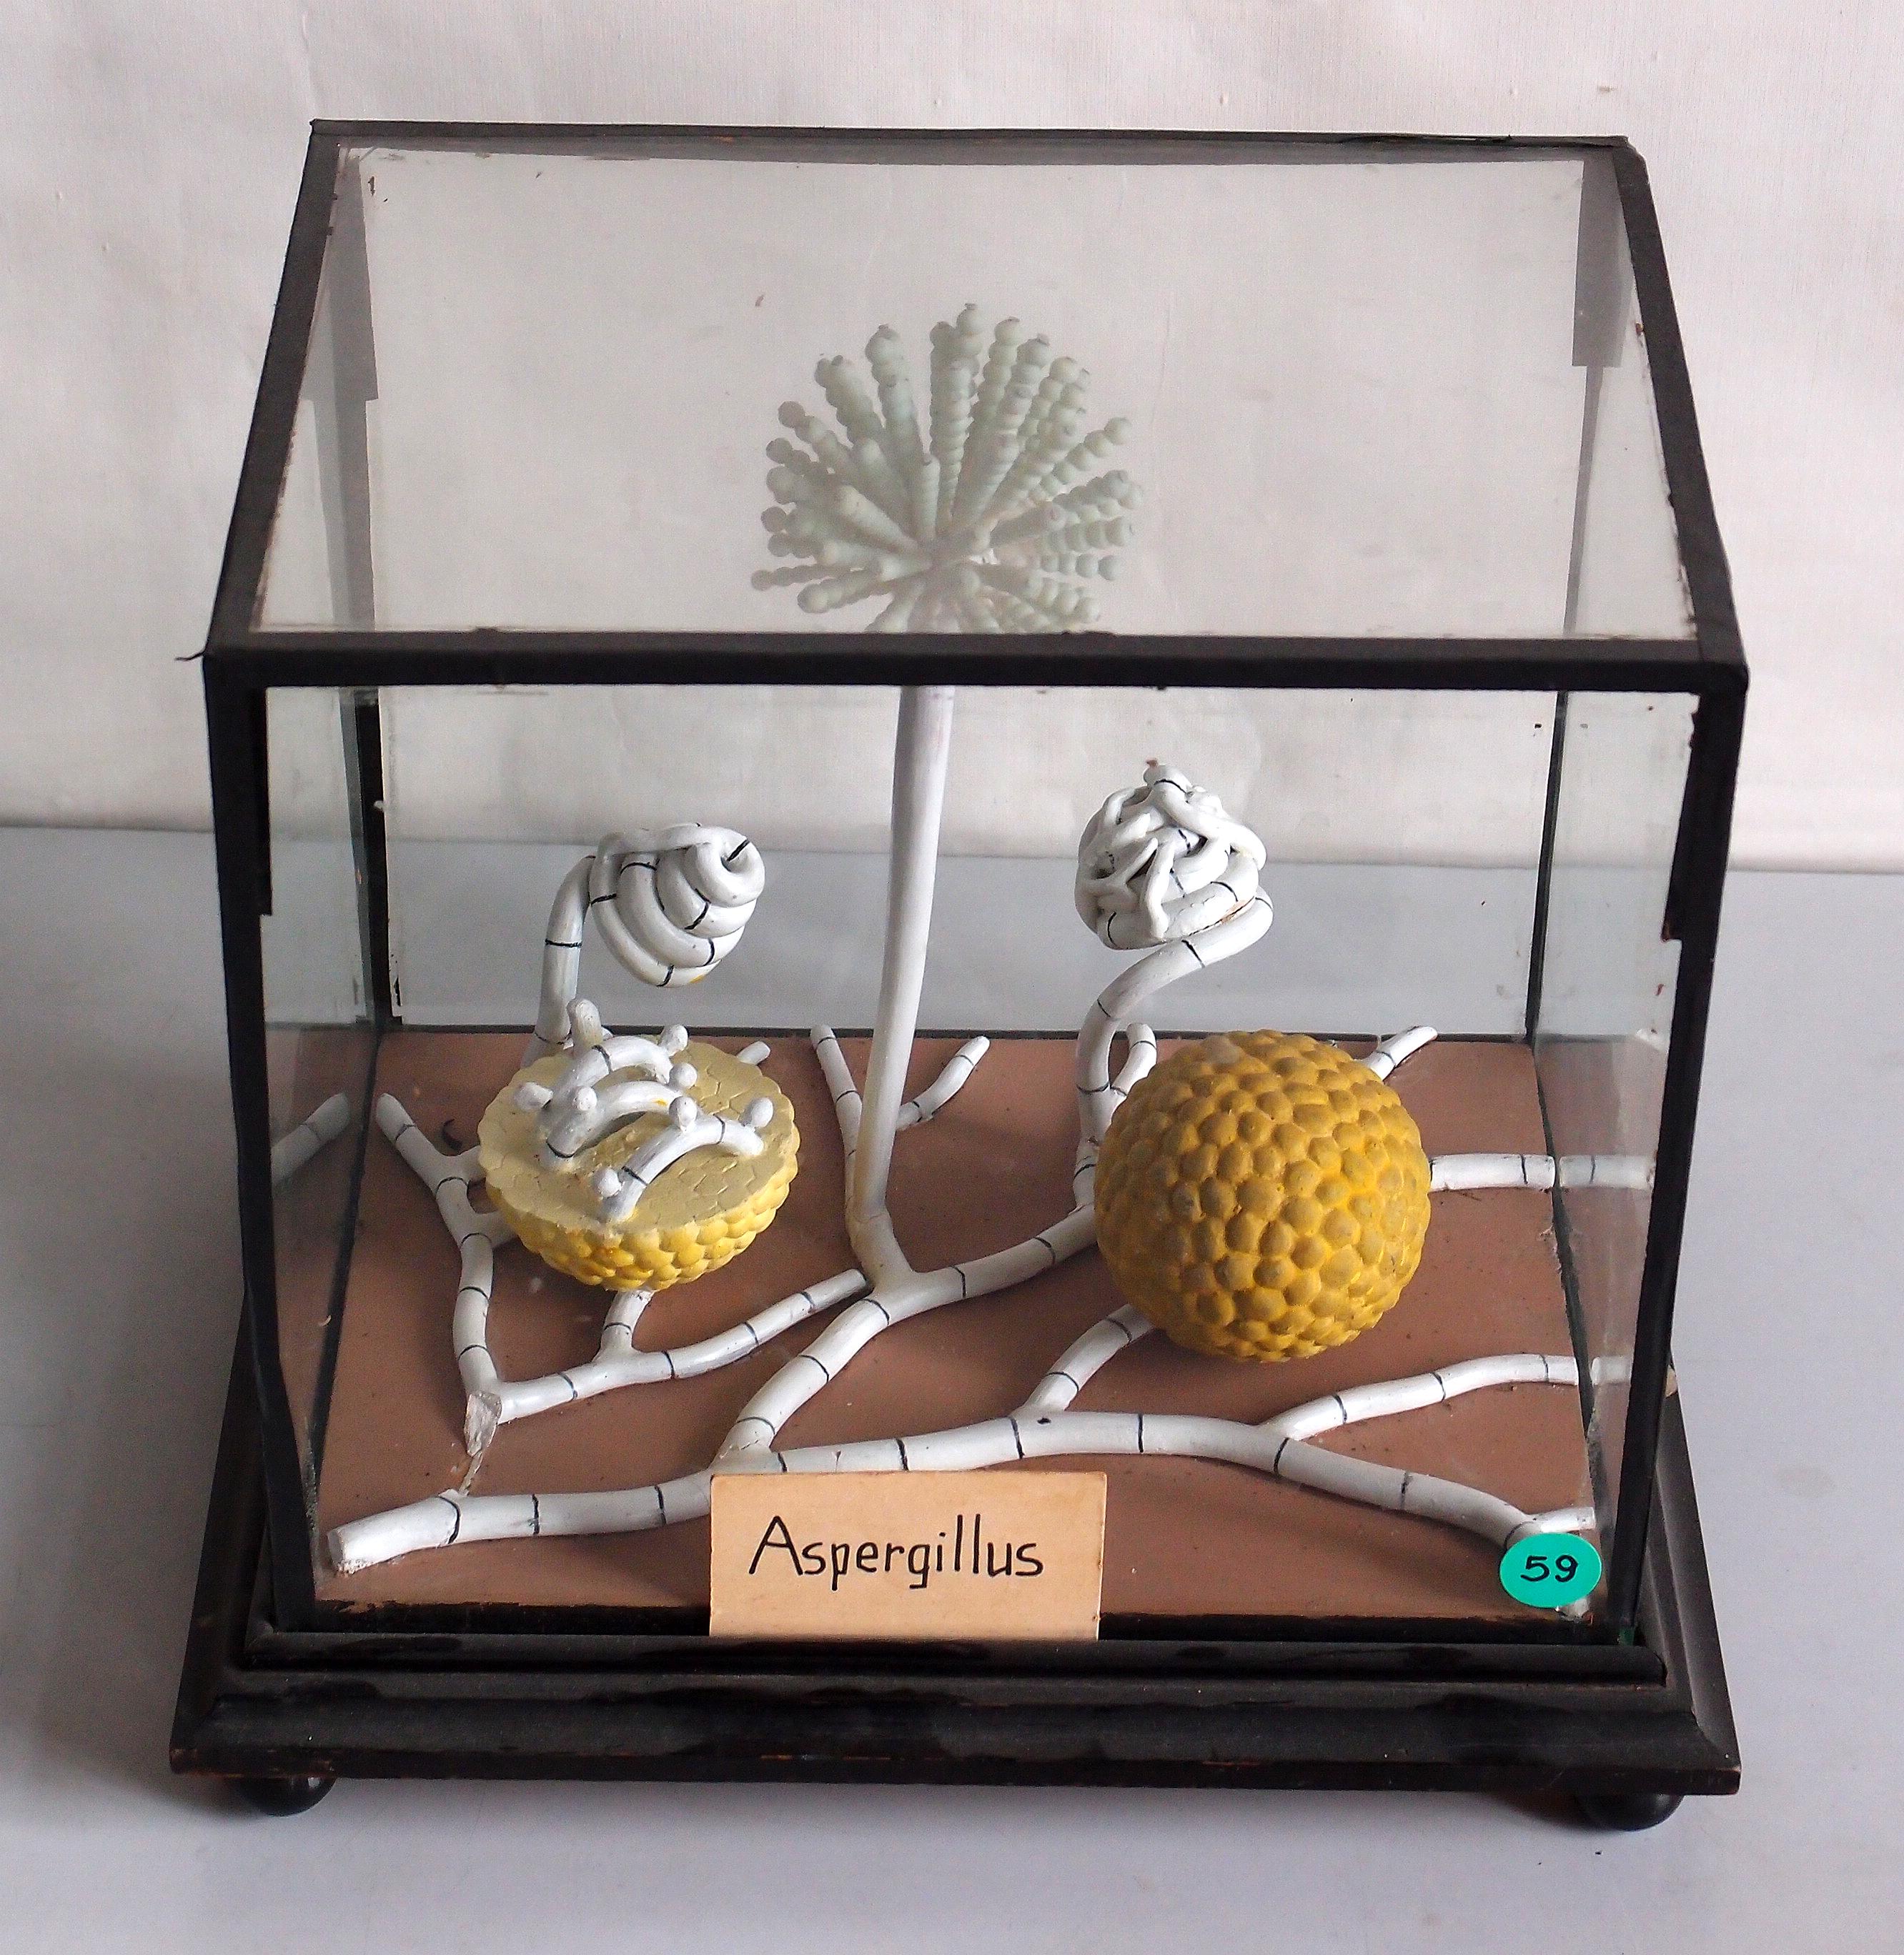 Aspergillus / Gießkannsnschimmel Modell